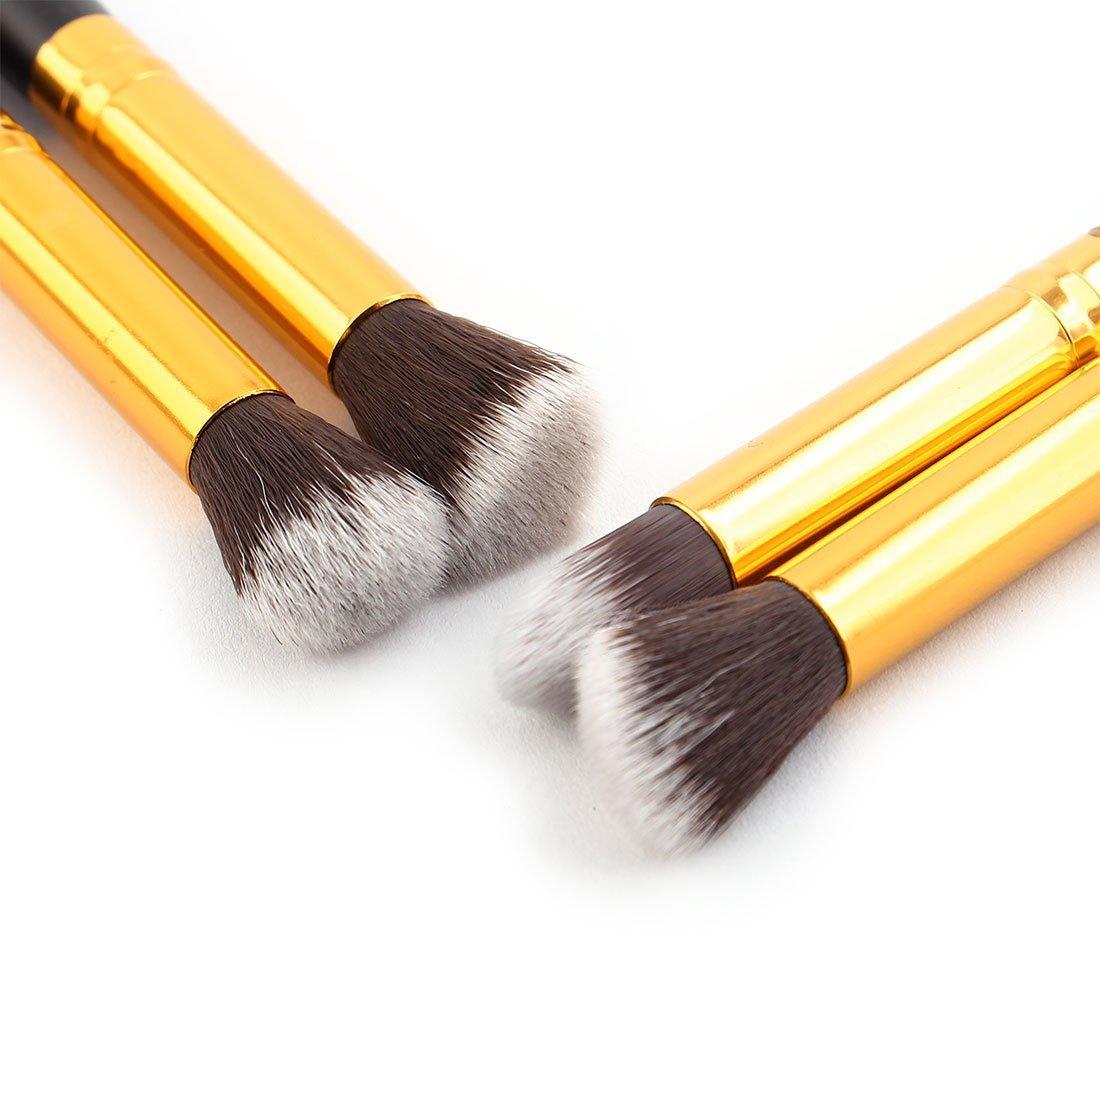 Amazon.com: Manija de Madera de Nylon eDealMax Pelo, señora Sombra de ojos en polvo Foudation, maquillaje cosmético herramienta Pincel Set 4 piezas Negro: ...